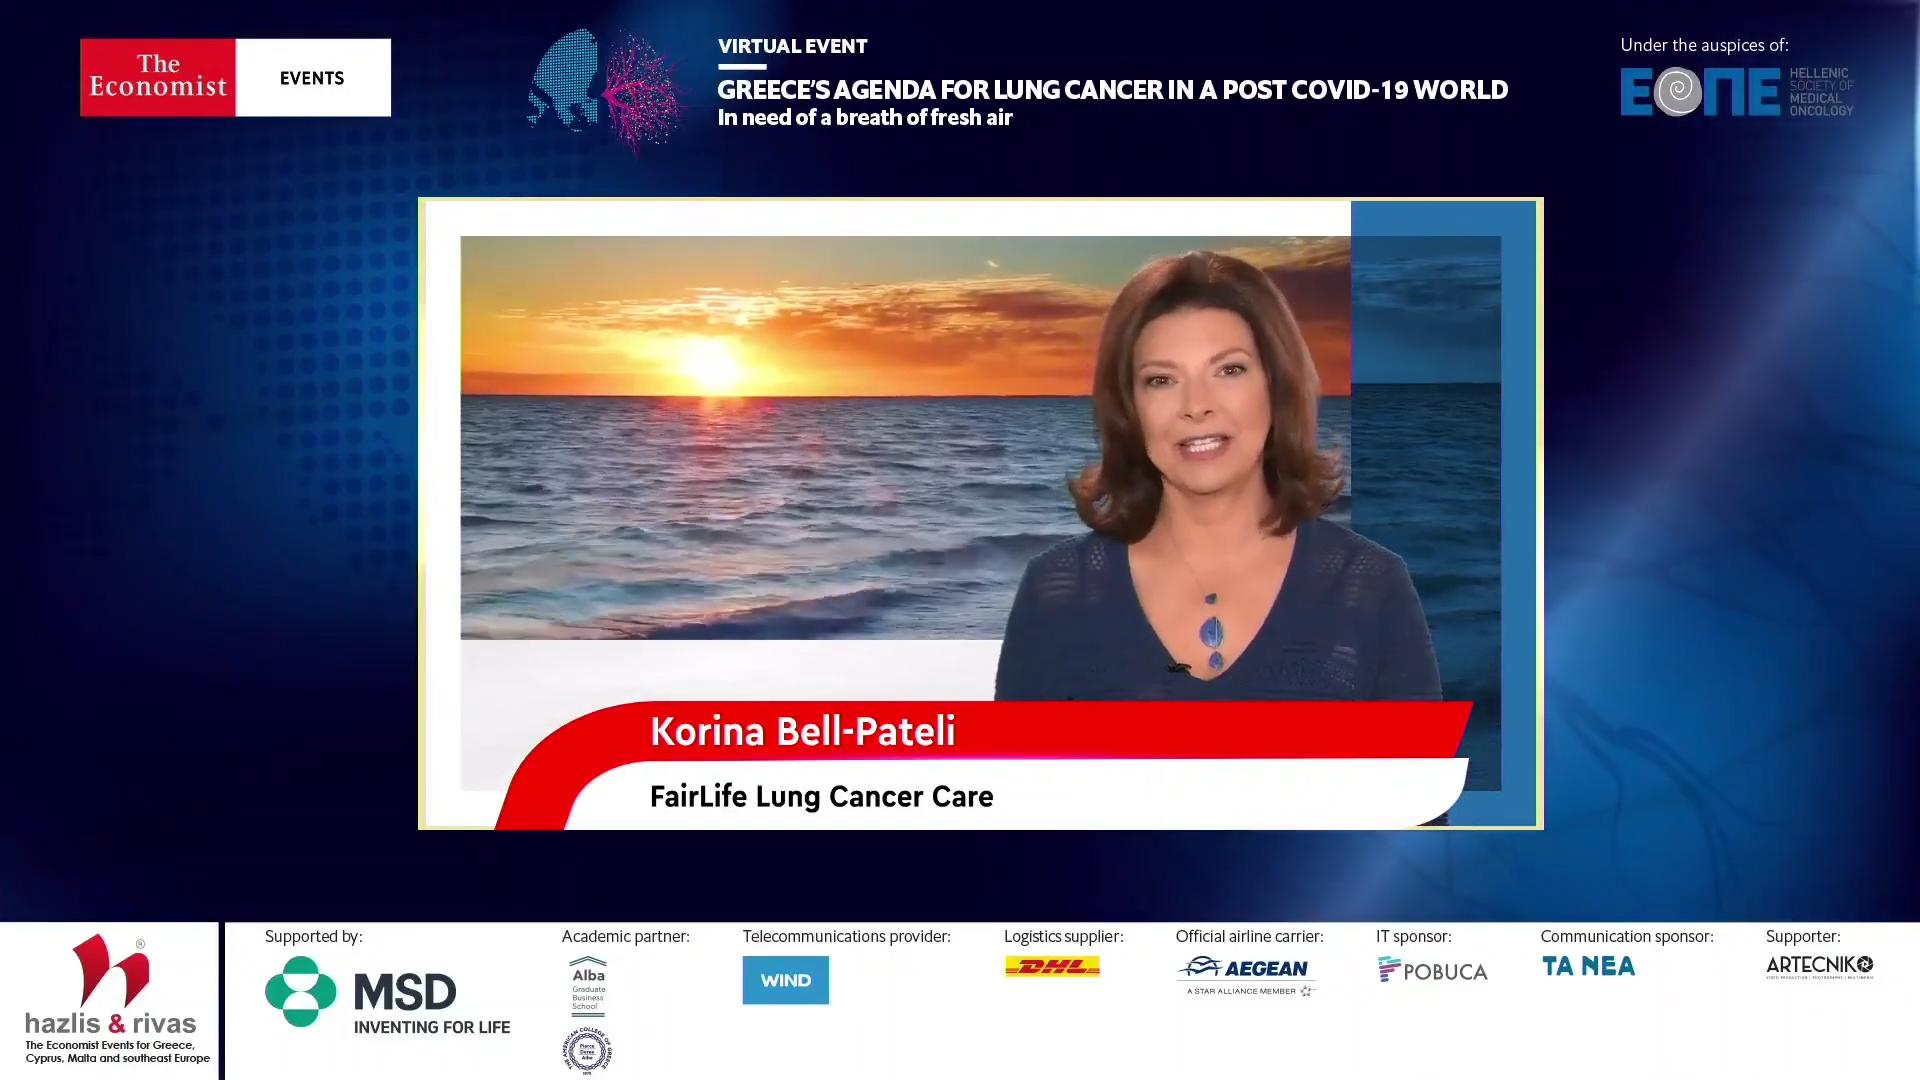 Κορίνα Πατέλη-Bell: Μπορούμε σήμερα να ανοίξουμε μια ουσιαστική συζήτηση για τον καρκίνο του πνεύμονα στην Ελλάδα